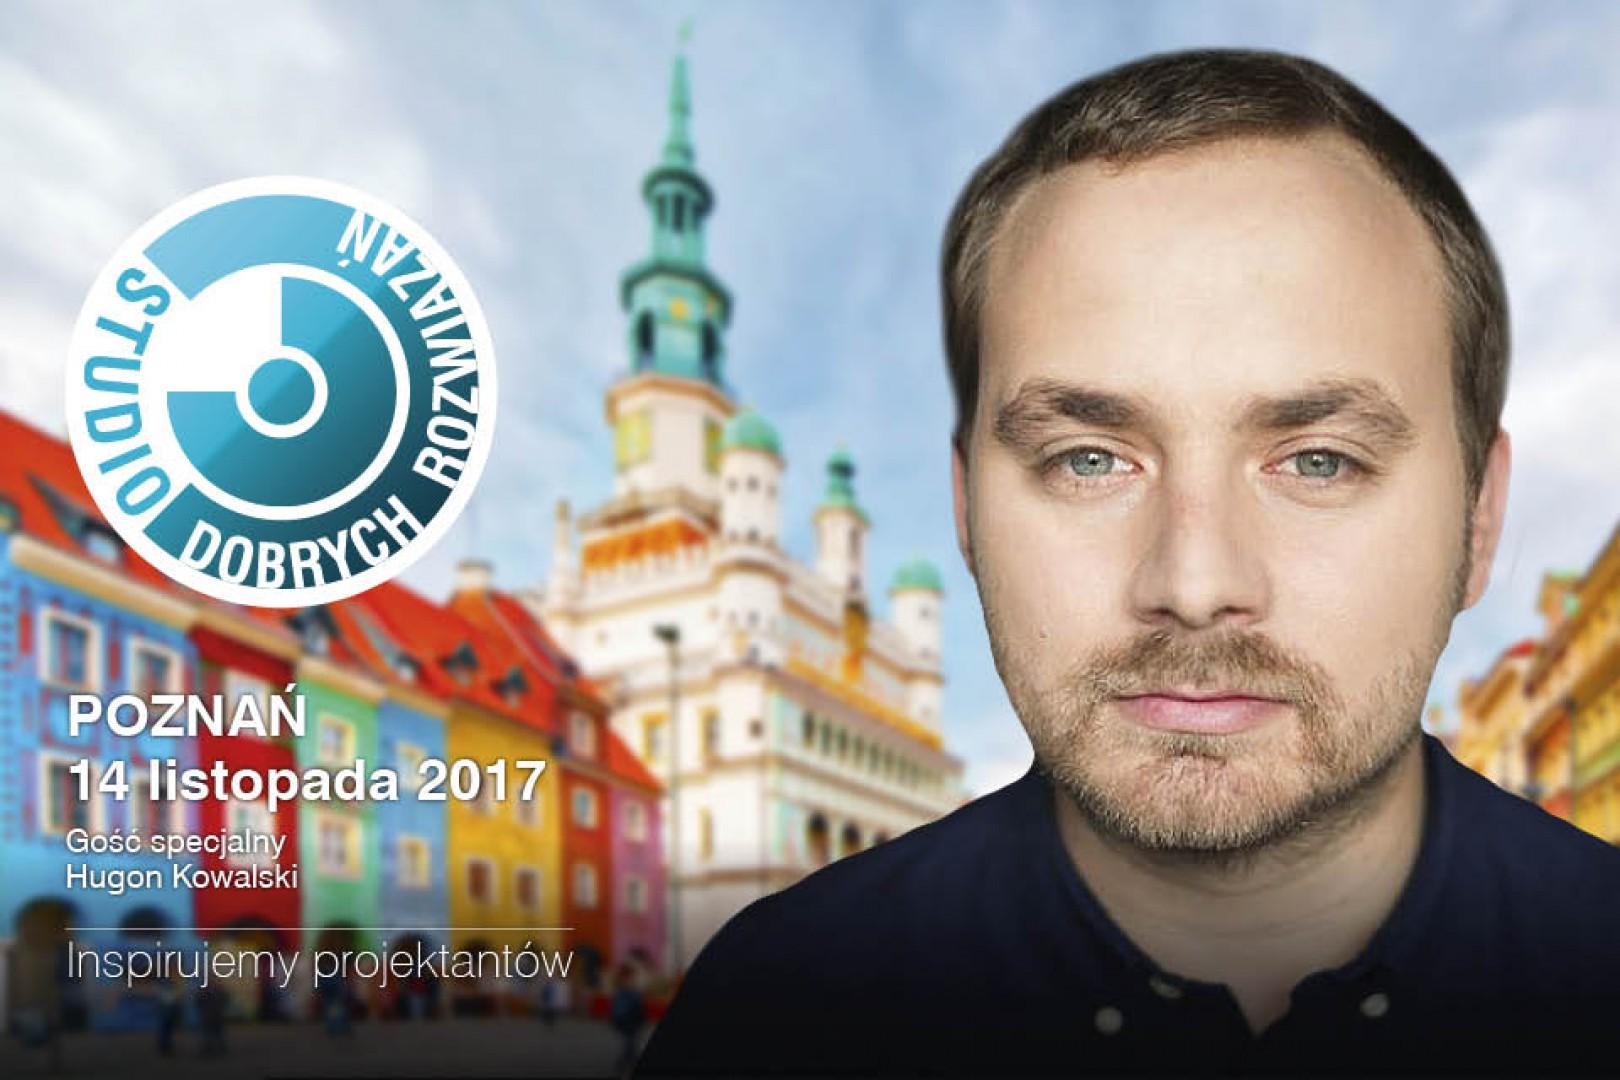 Hugon Kowalski będzie gościem specjalnym Studia Dobrych Rozwiązań w Poznaniu.